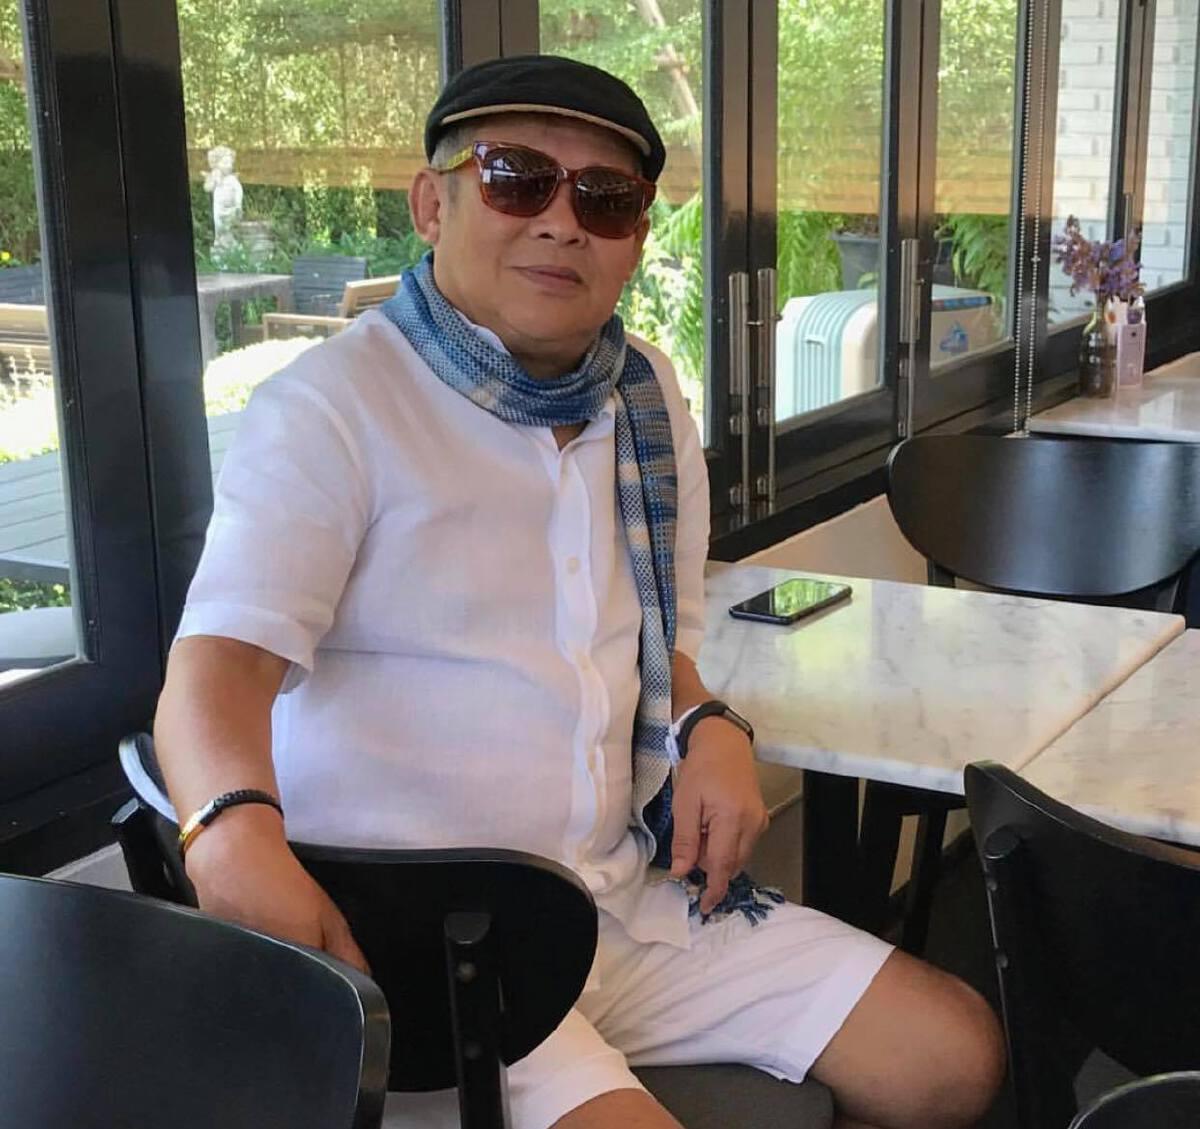 เป็ด เชิญยิ้ม ใจสลาย โควิดคร่าชีวิตคุณแม่วัย 89 ปี ขณะที่พ่อยังอยู่ไอซียู